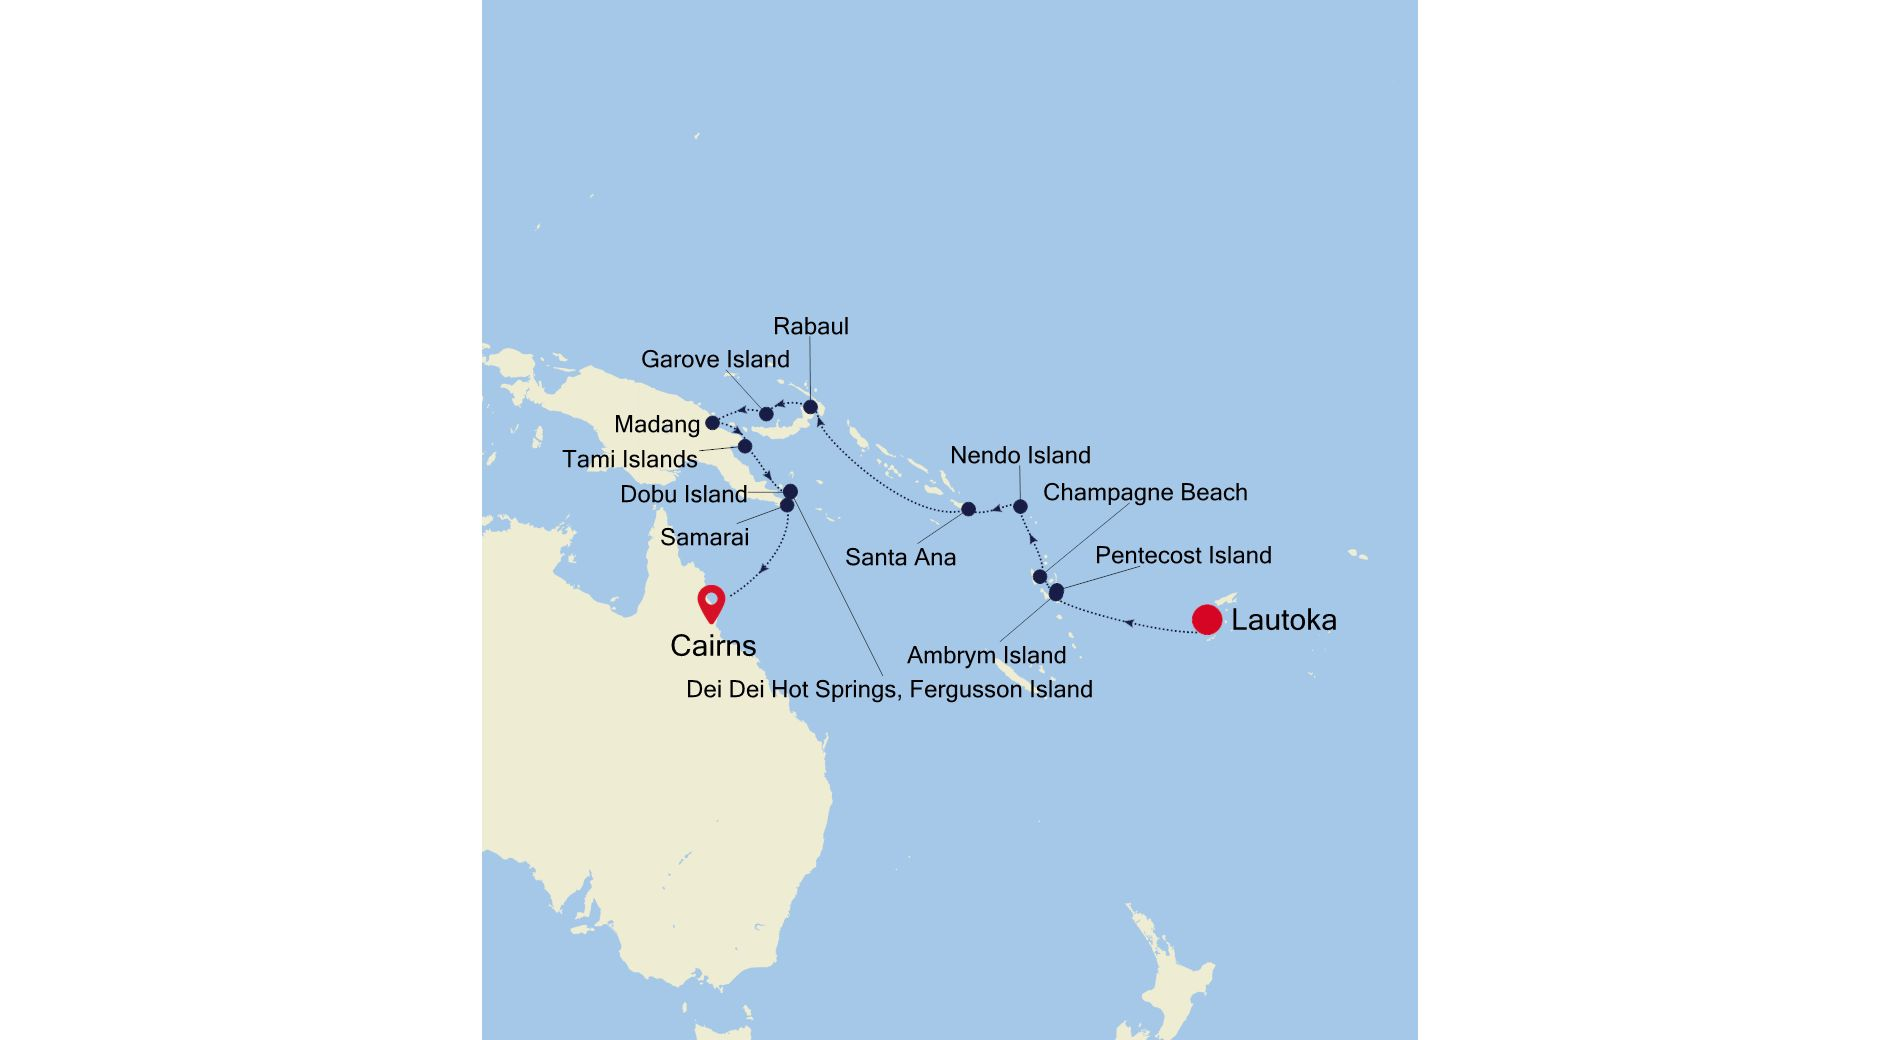 E4220318014 - Lautoka nach Cairns